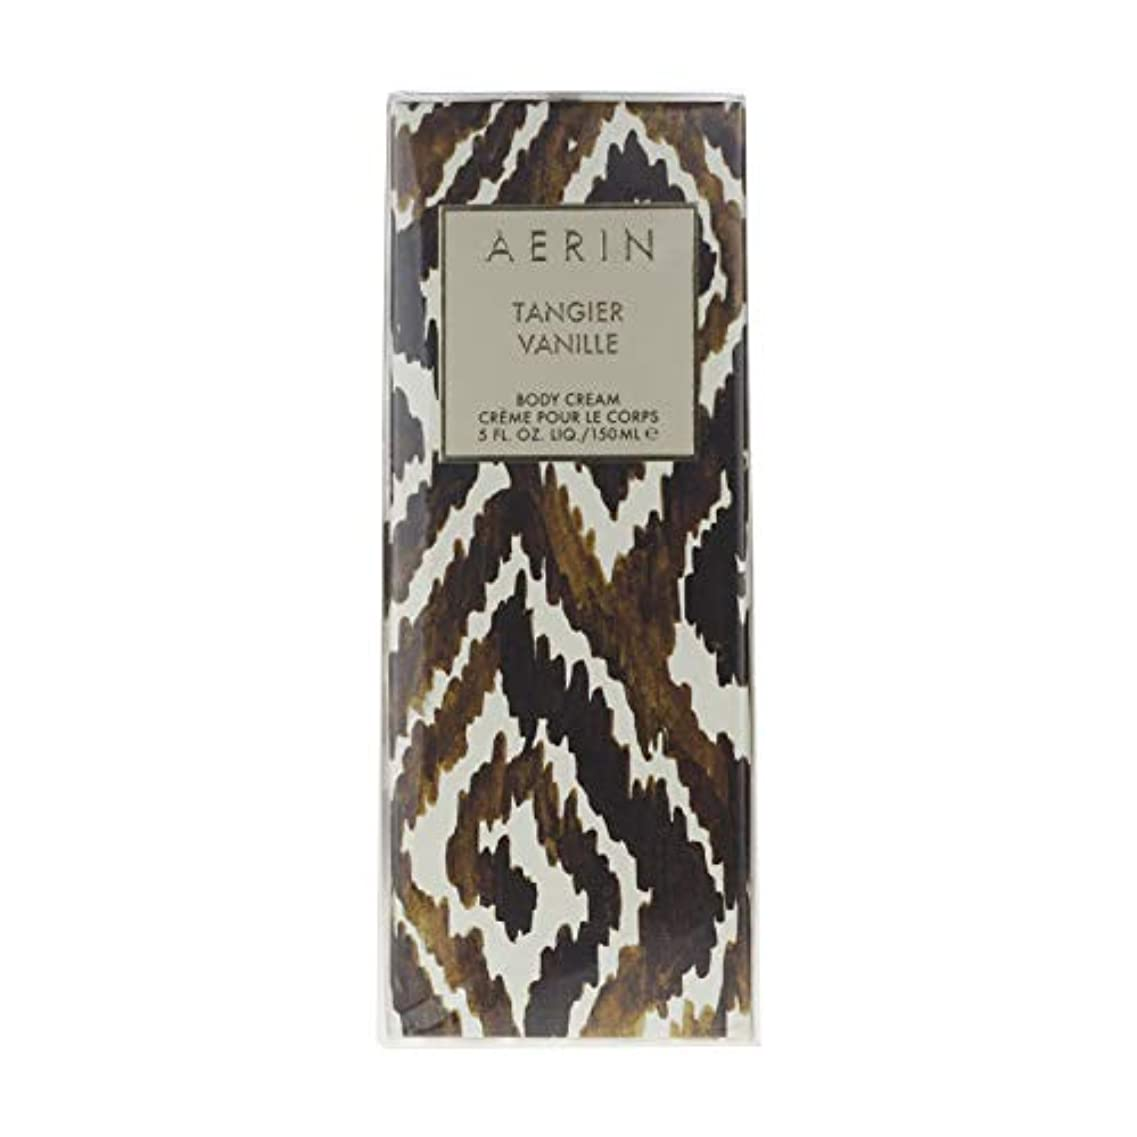 ストライク気づくなるシャーロックホームズAERIN Tangier Vanille (アエリン タンジヤー バニール) 5.0 oz (150ml) Body Cream by Estee Lauder for Women